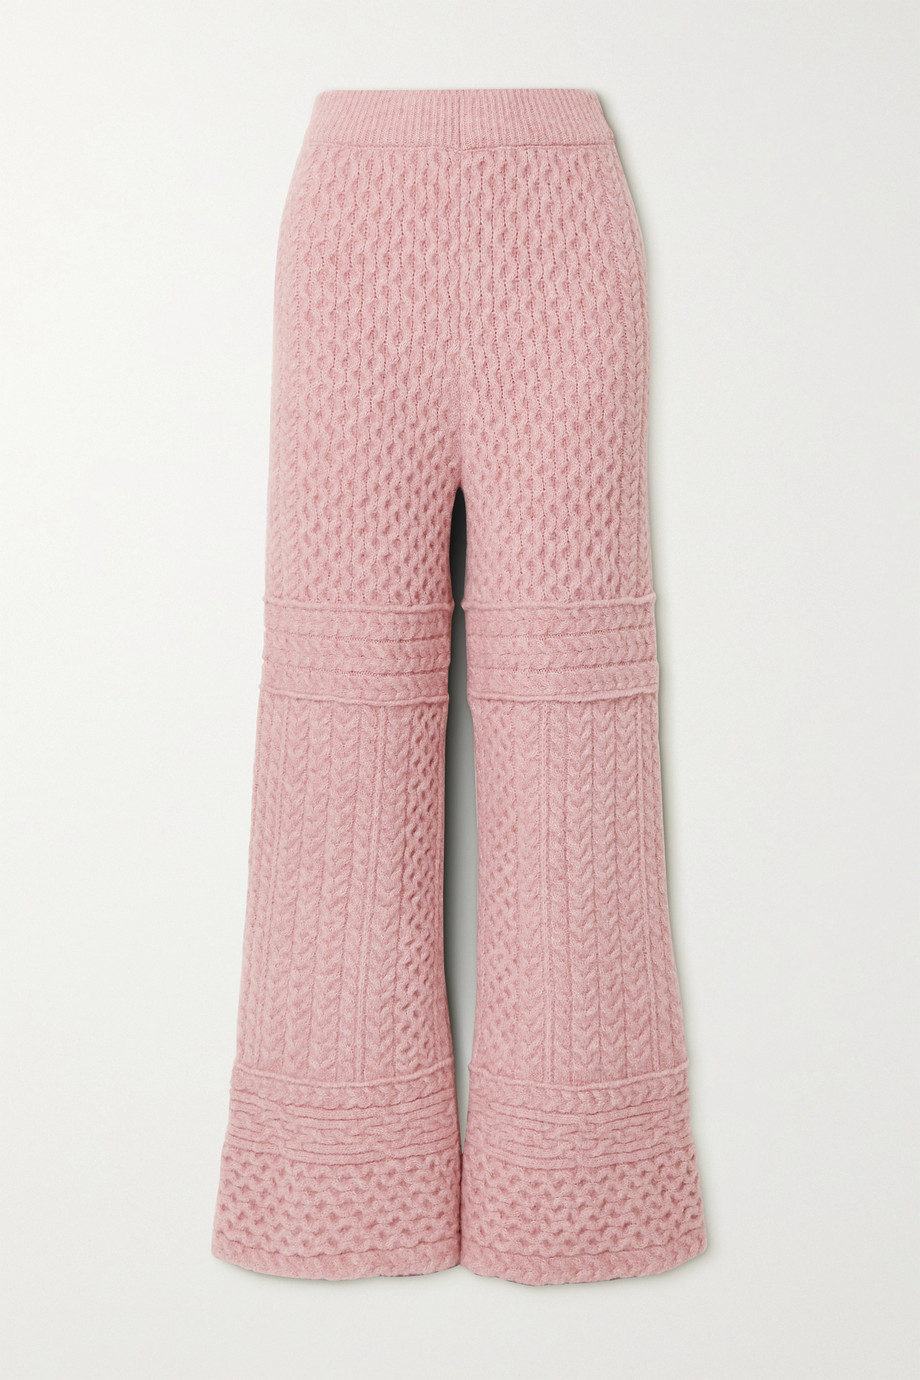 Nanushka Fina Hose mit weitem Bein aus Zopfstrick